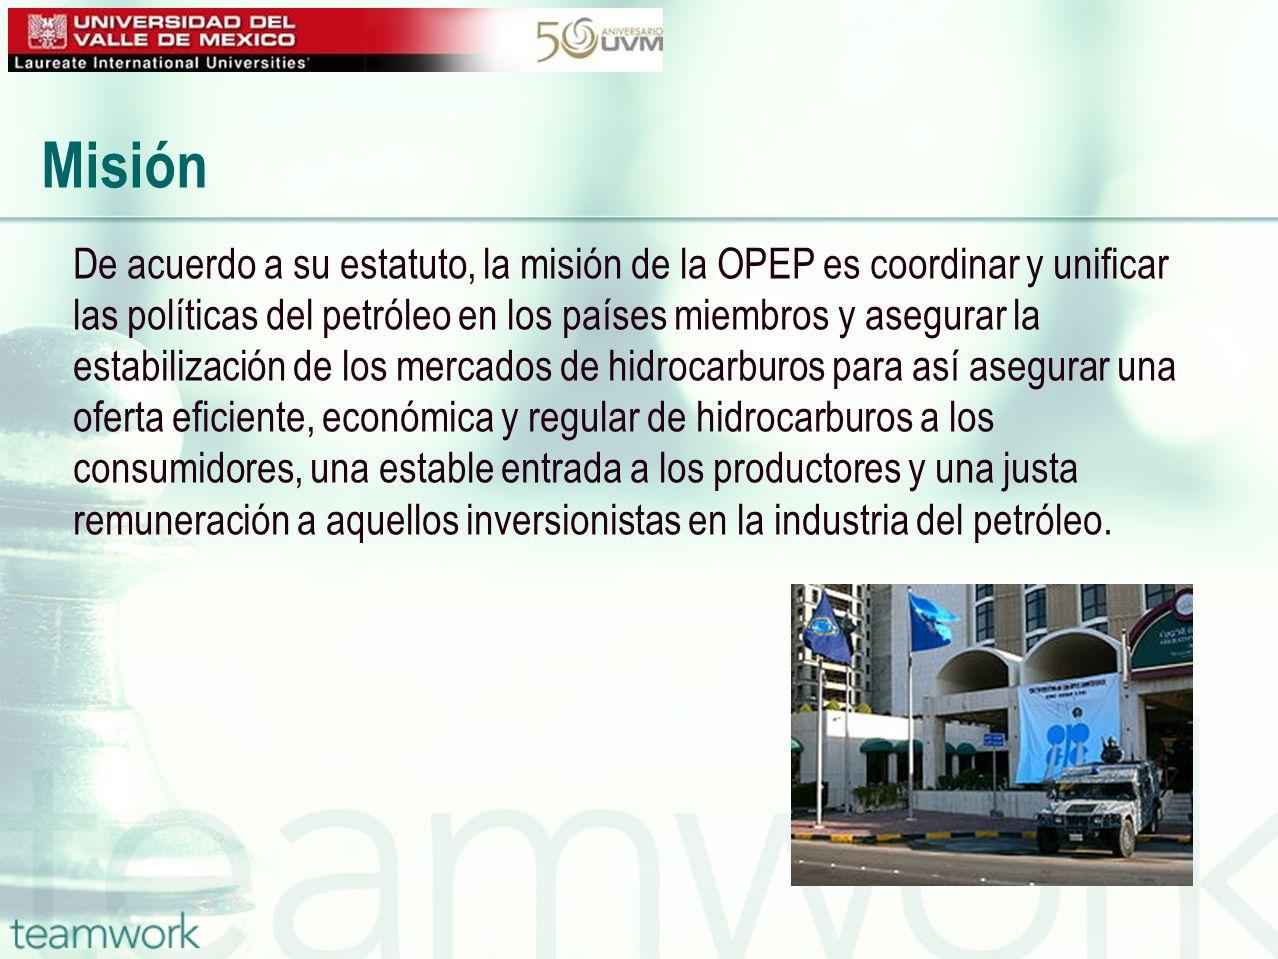 De acuerdo a su estatuto, la misión de la OPEP es coordinar y unificar las políticas del petróleo en los países miembros y asegurar la estabilización